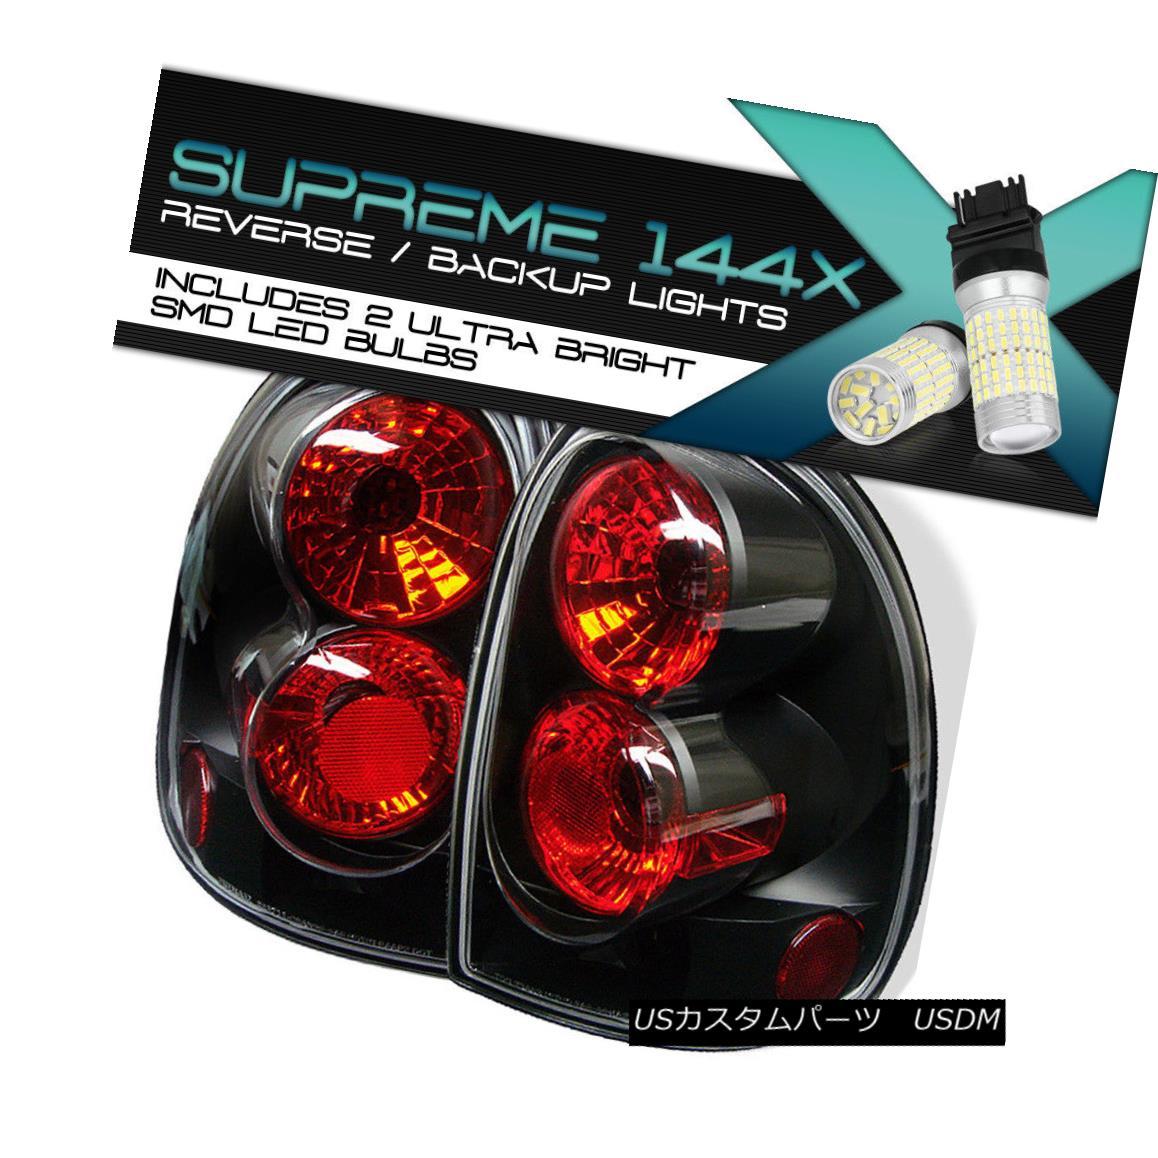 テールライト [360 Degree SMD Reverse] Chrysler Town Country Dodge Caravan Durango Tail Lights [360度SMDリバース]クライスラータウンカントリードッジキャラバンデュランゴテールライト